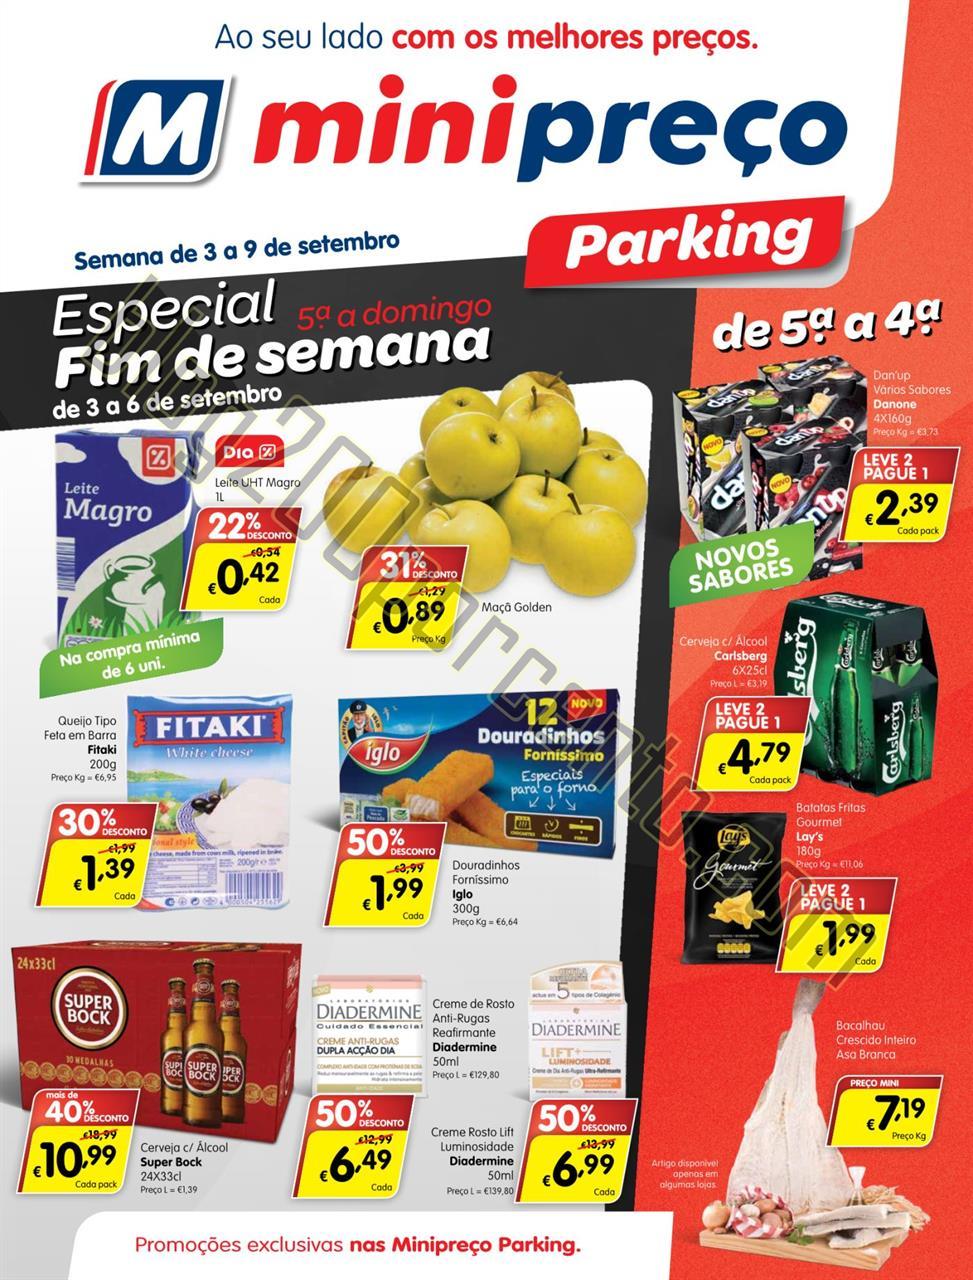 Antevisão Folheto MINIPREÇO Parking de 3 a 9 set